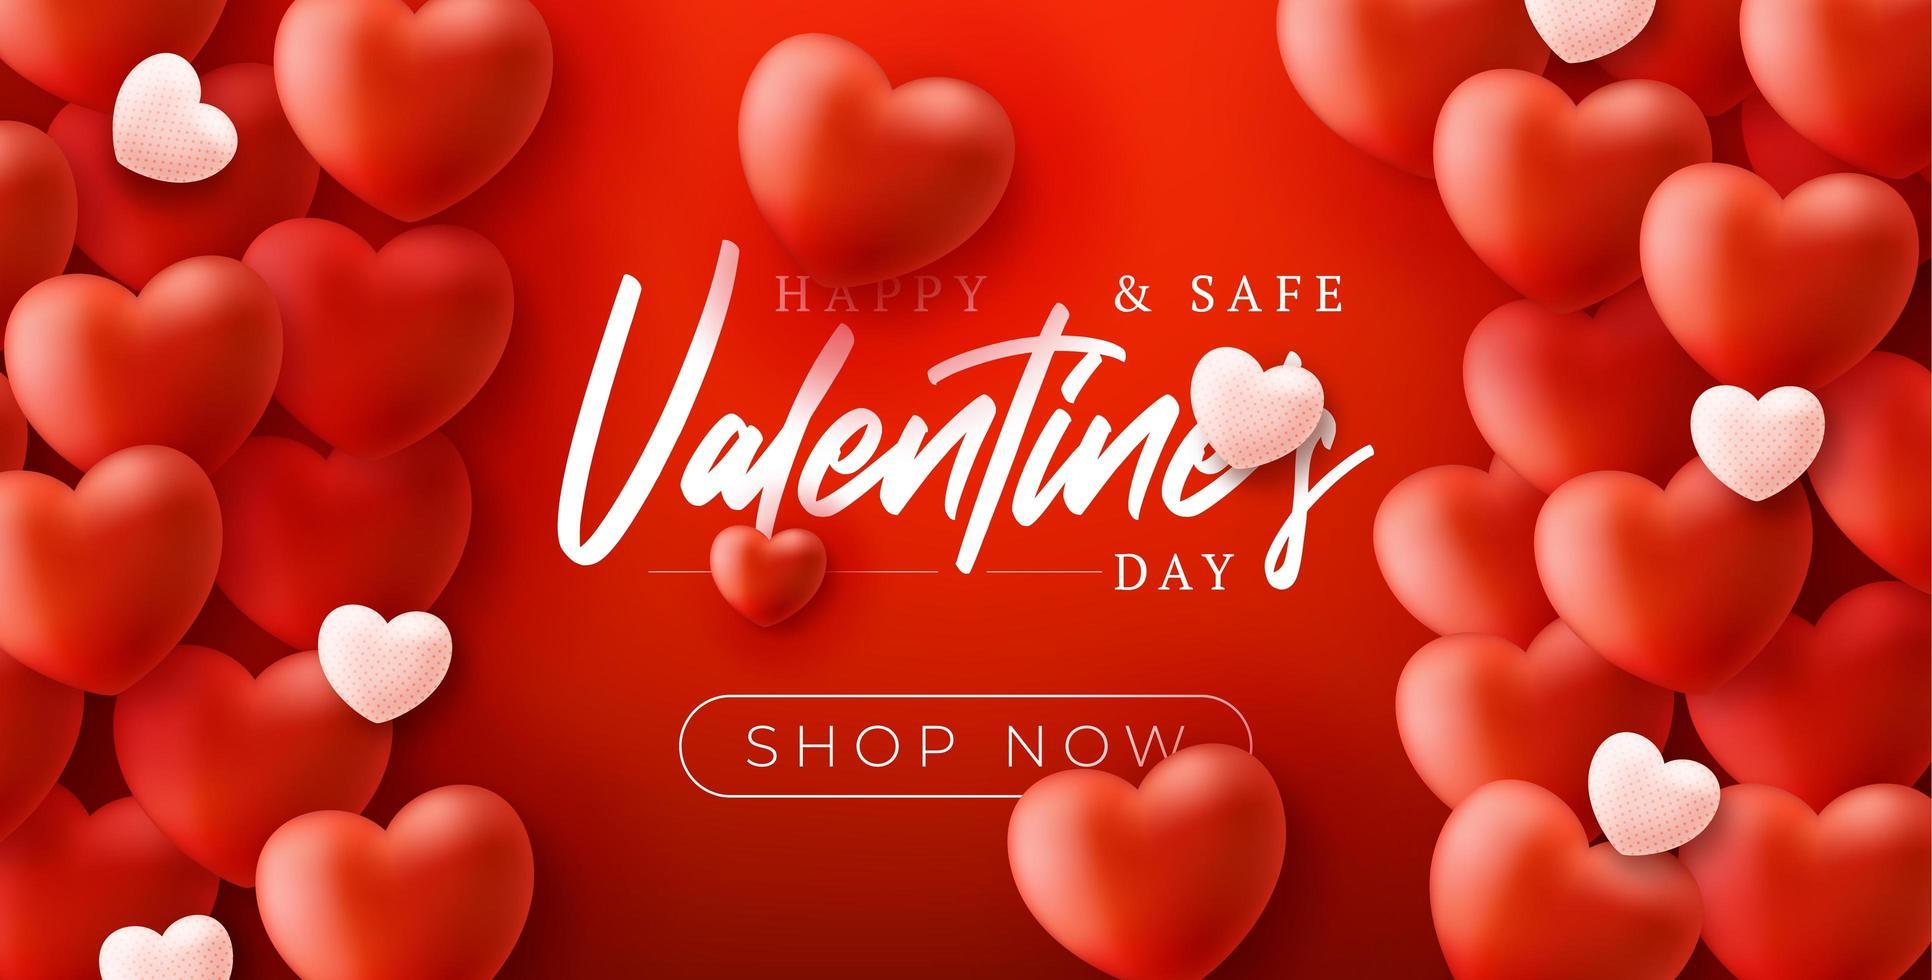 felice e sicuro sfondo di vendita di san valentino vettore